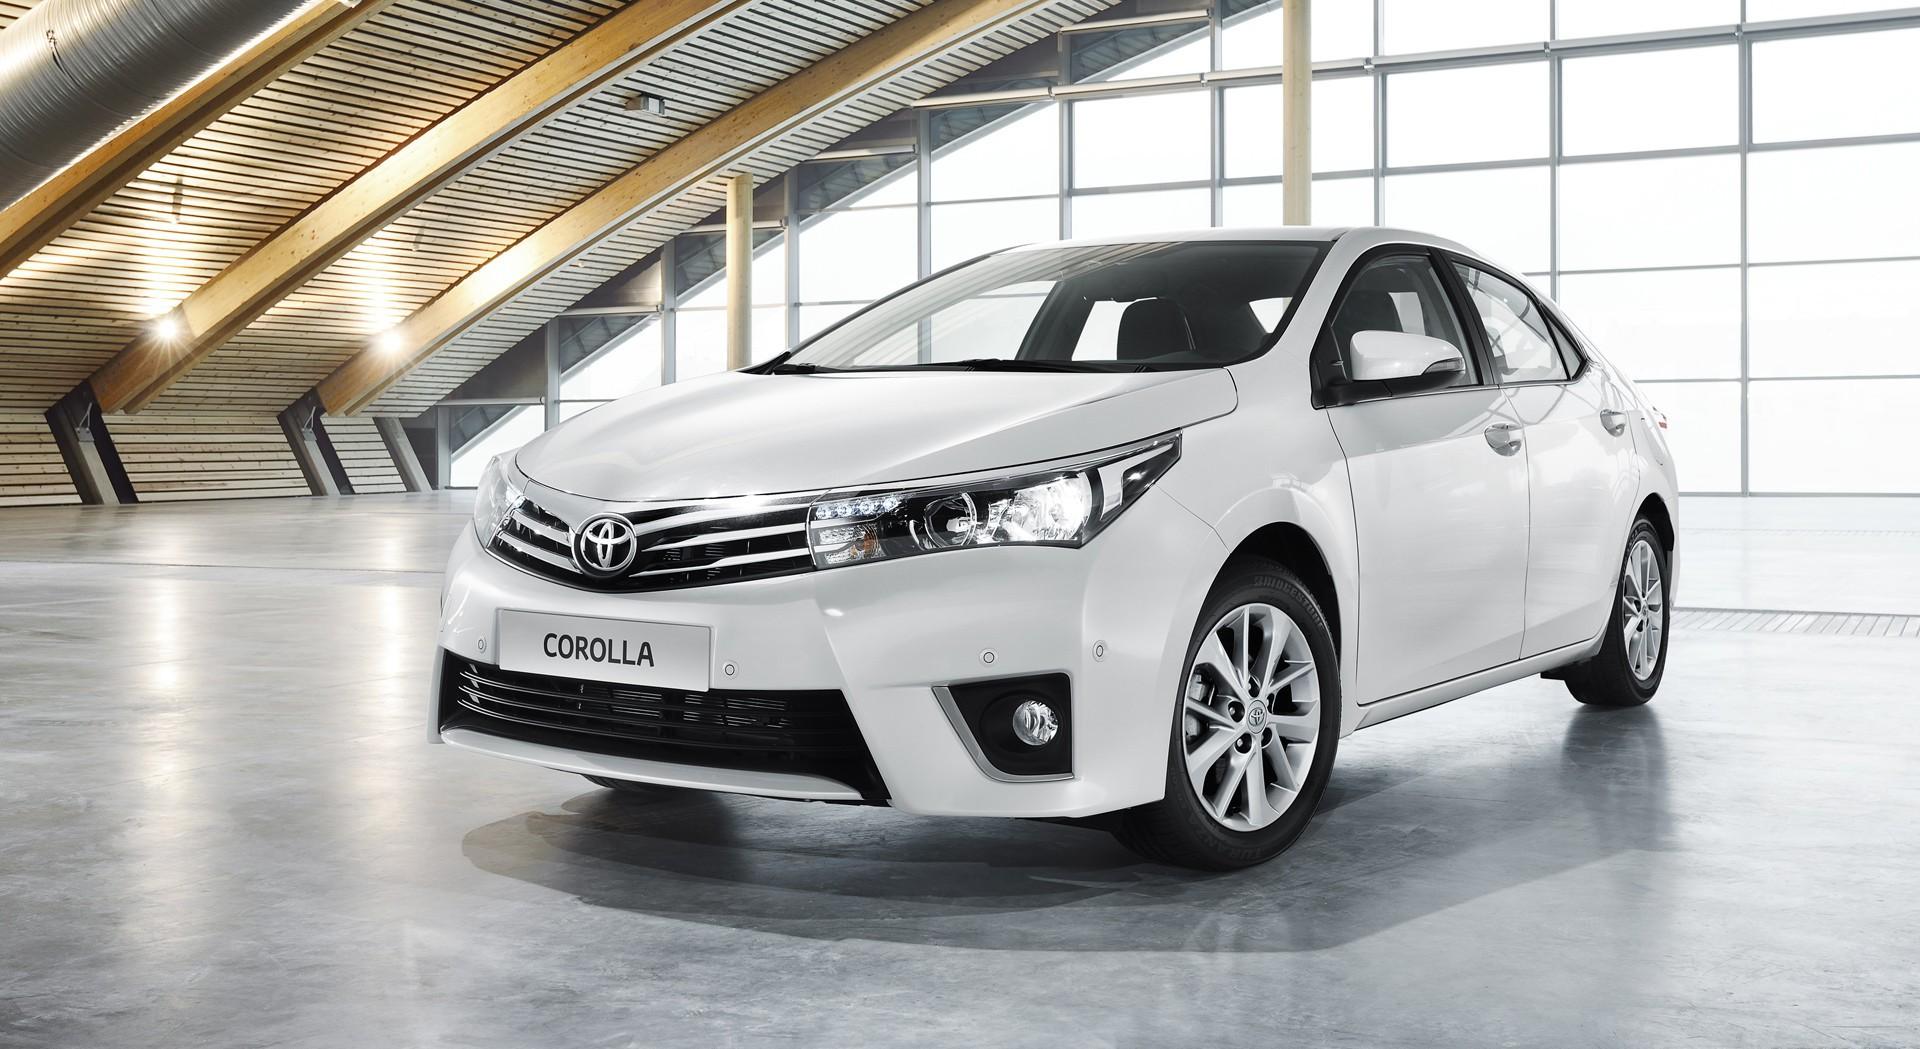 Купить Toyota (Тойота) в Королёве, невысокие цены на ...